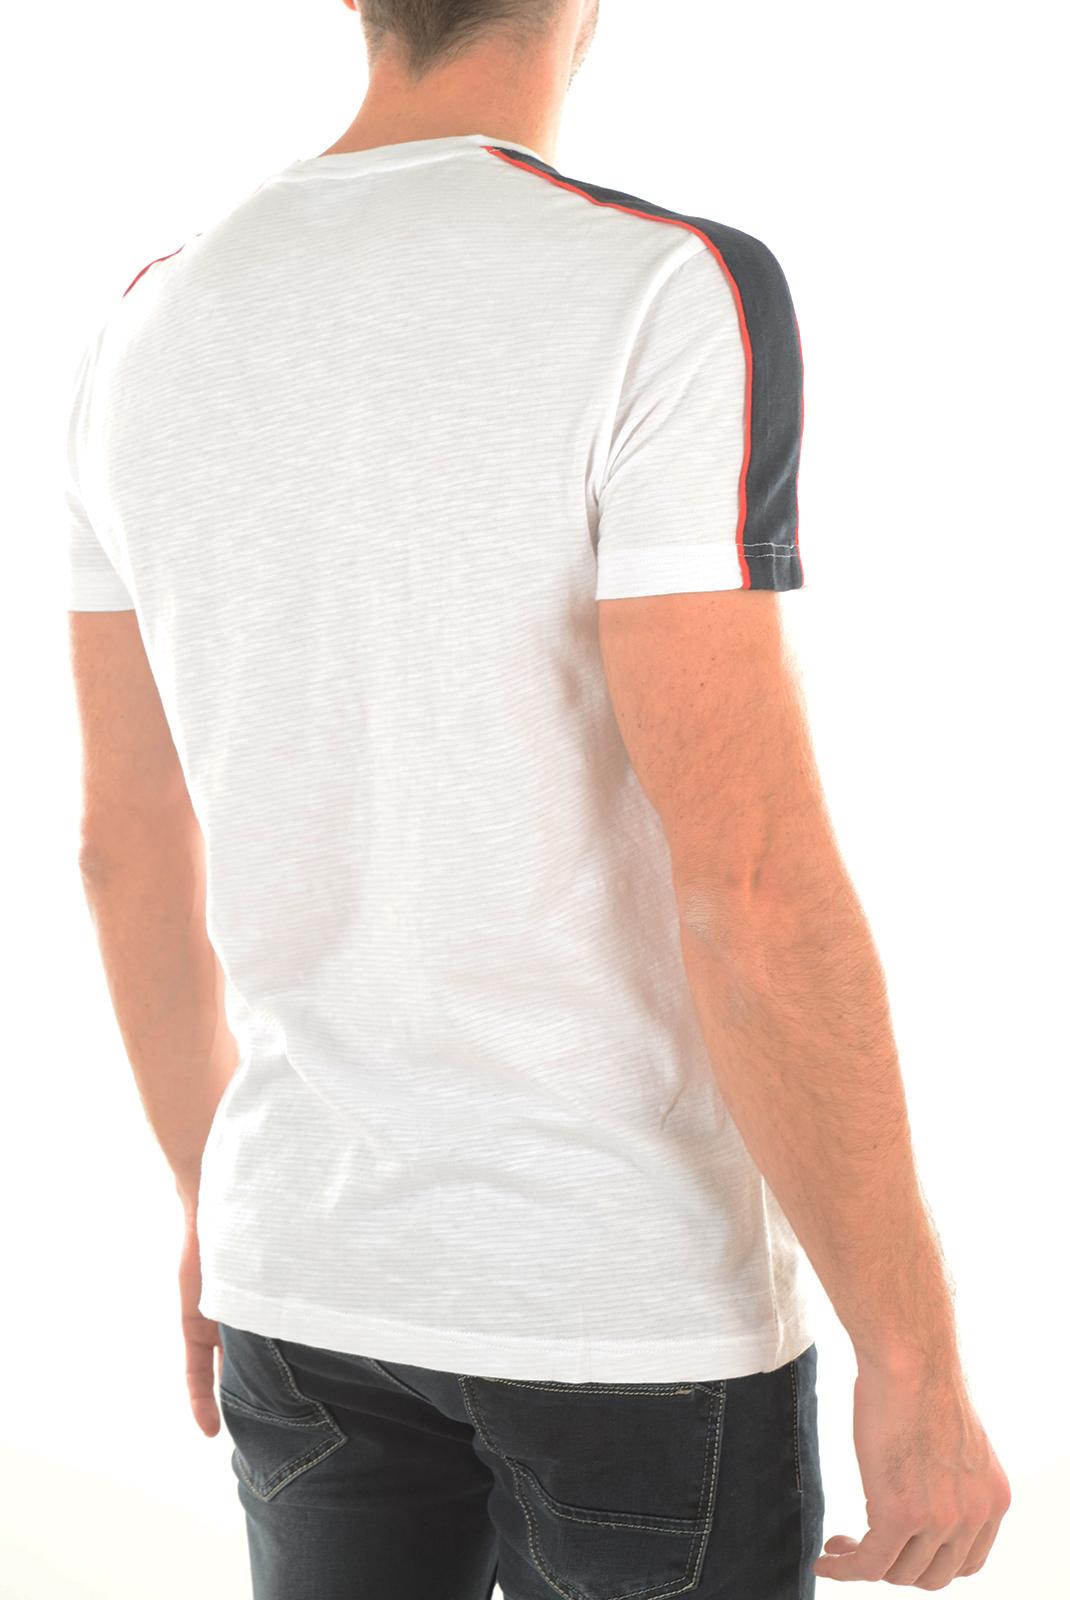 Tee-shirts manches courtes  Emporio armani 903017 6P625 WHITE 00010